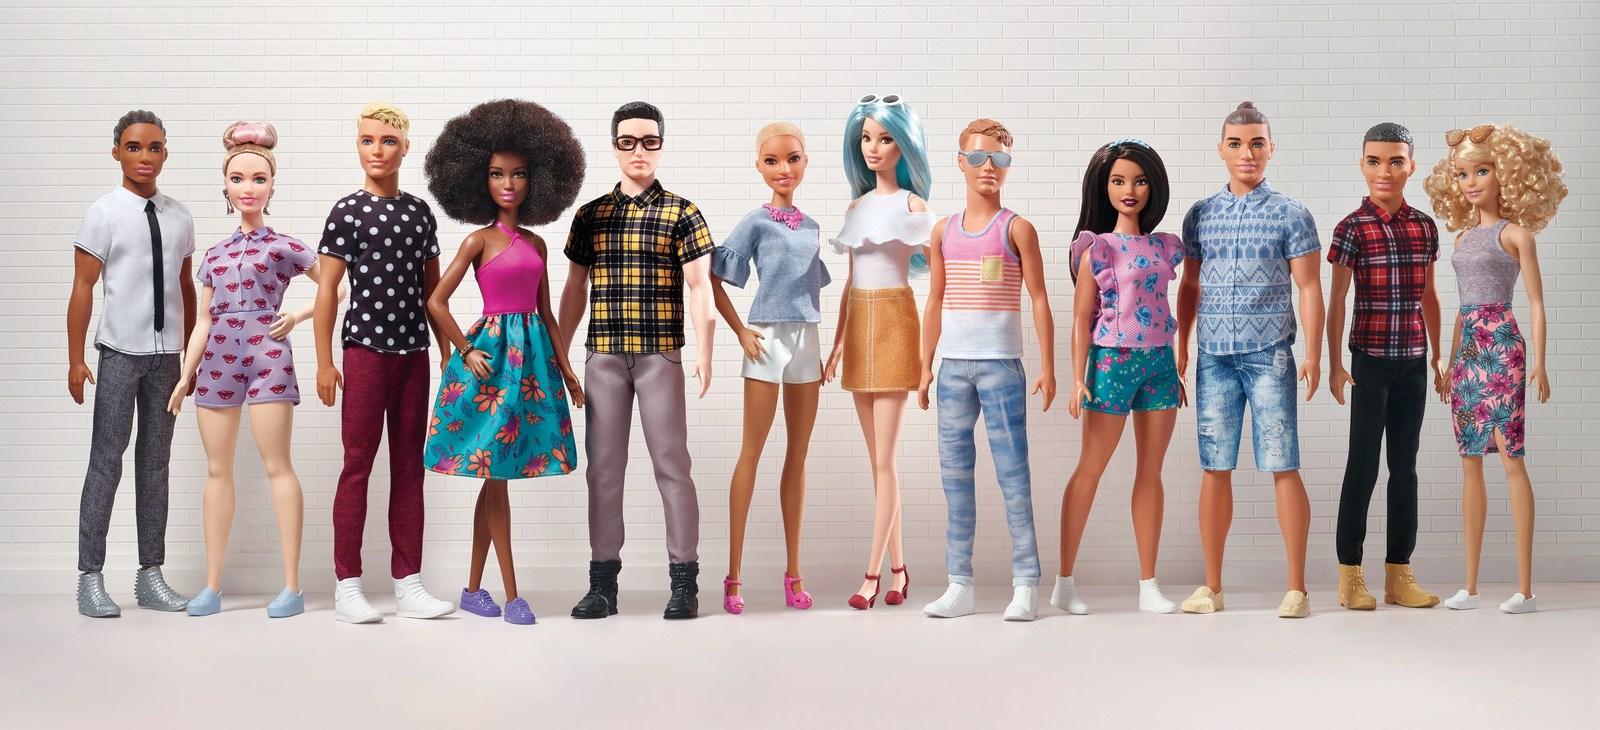 Linha Barbie Fashionistas ganhou novos Ken - Crédito: Divulgação/Mattel